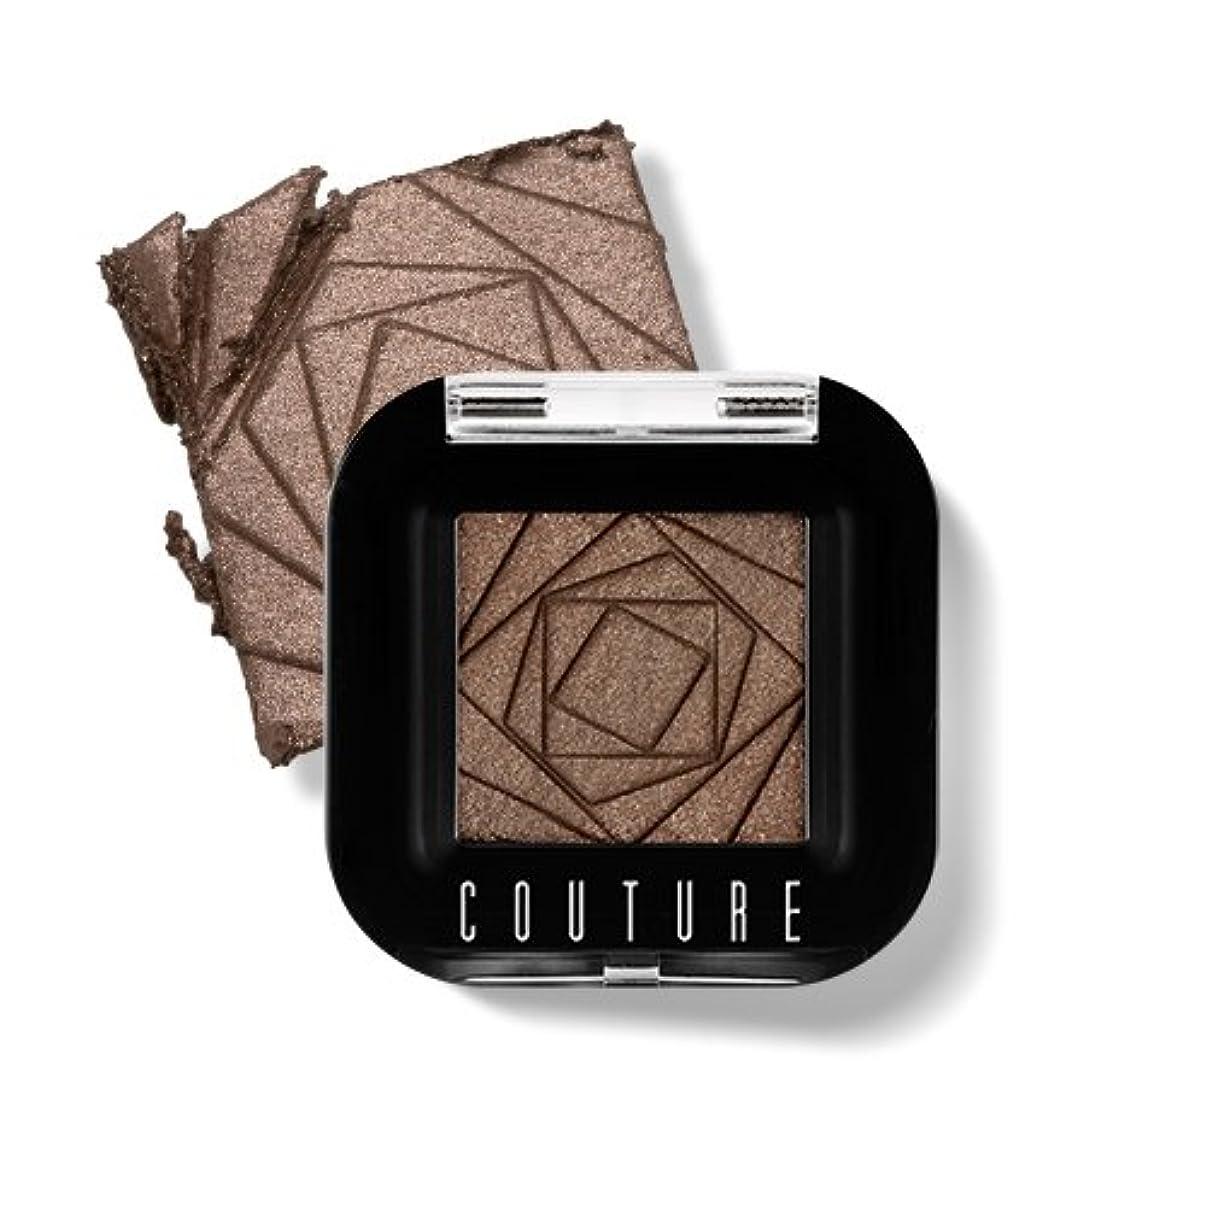 貫通人形階層APIEU Couture Shadow (# 6) /アピュ/オピュ クチュールシャドウ [並行輸入品]